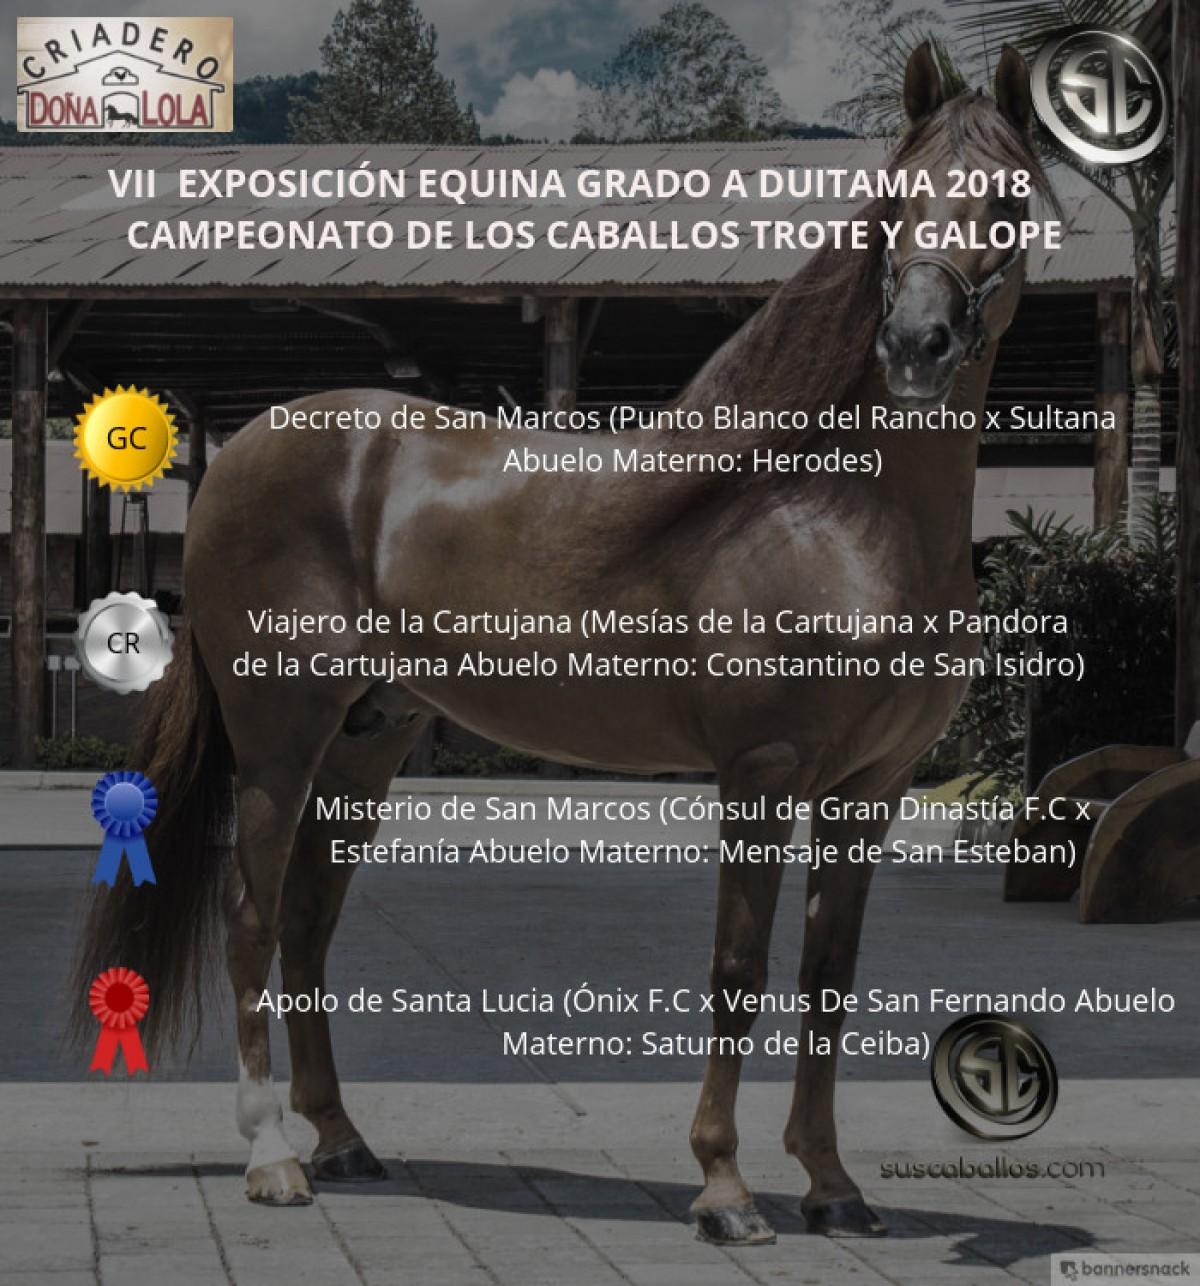 VÍDEO: Decreto Campeón, Viajero Reservado, Trote Y Galope, Duitama 2018